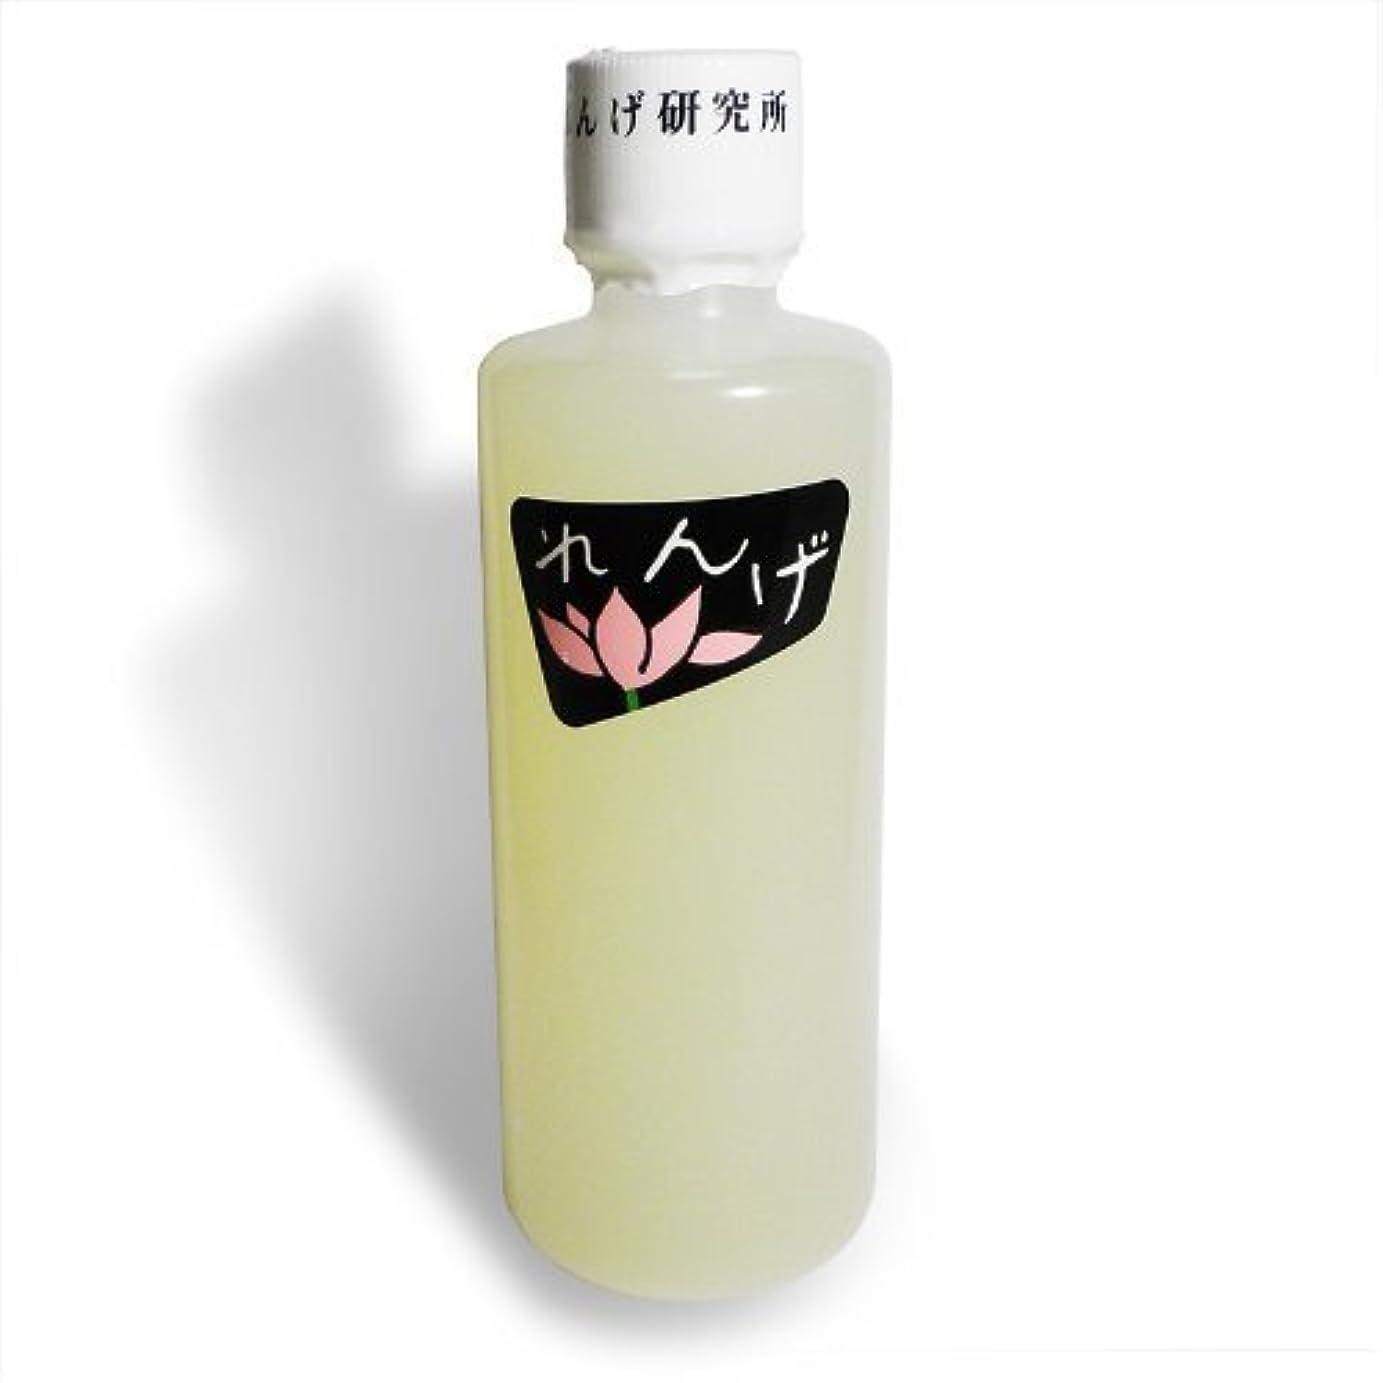 振動させる安定したディスパッチれんげ研究所 れんげ化粧水 140cc×6本